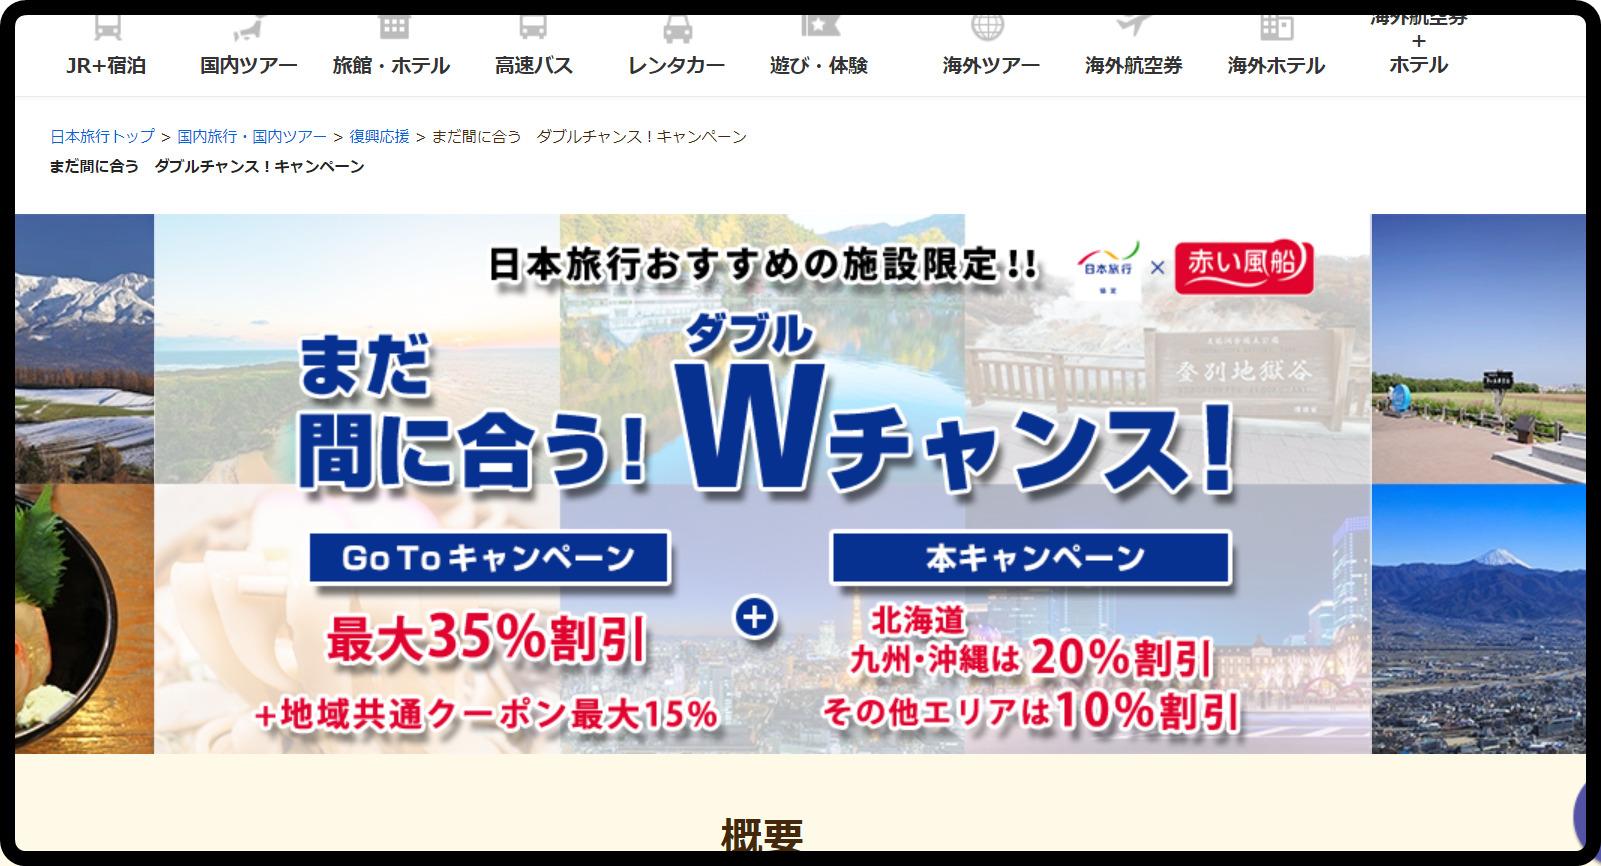 【日本旅行】GOTOトラベル+10~20%割引キャンペーン実施 最大55%割引に